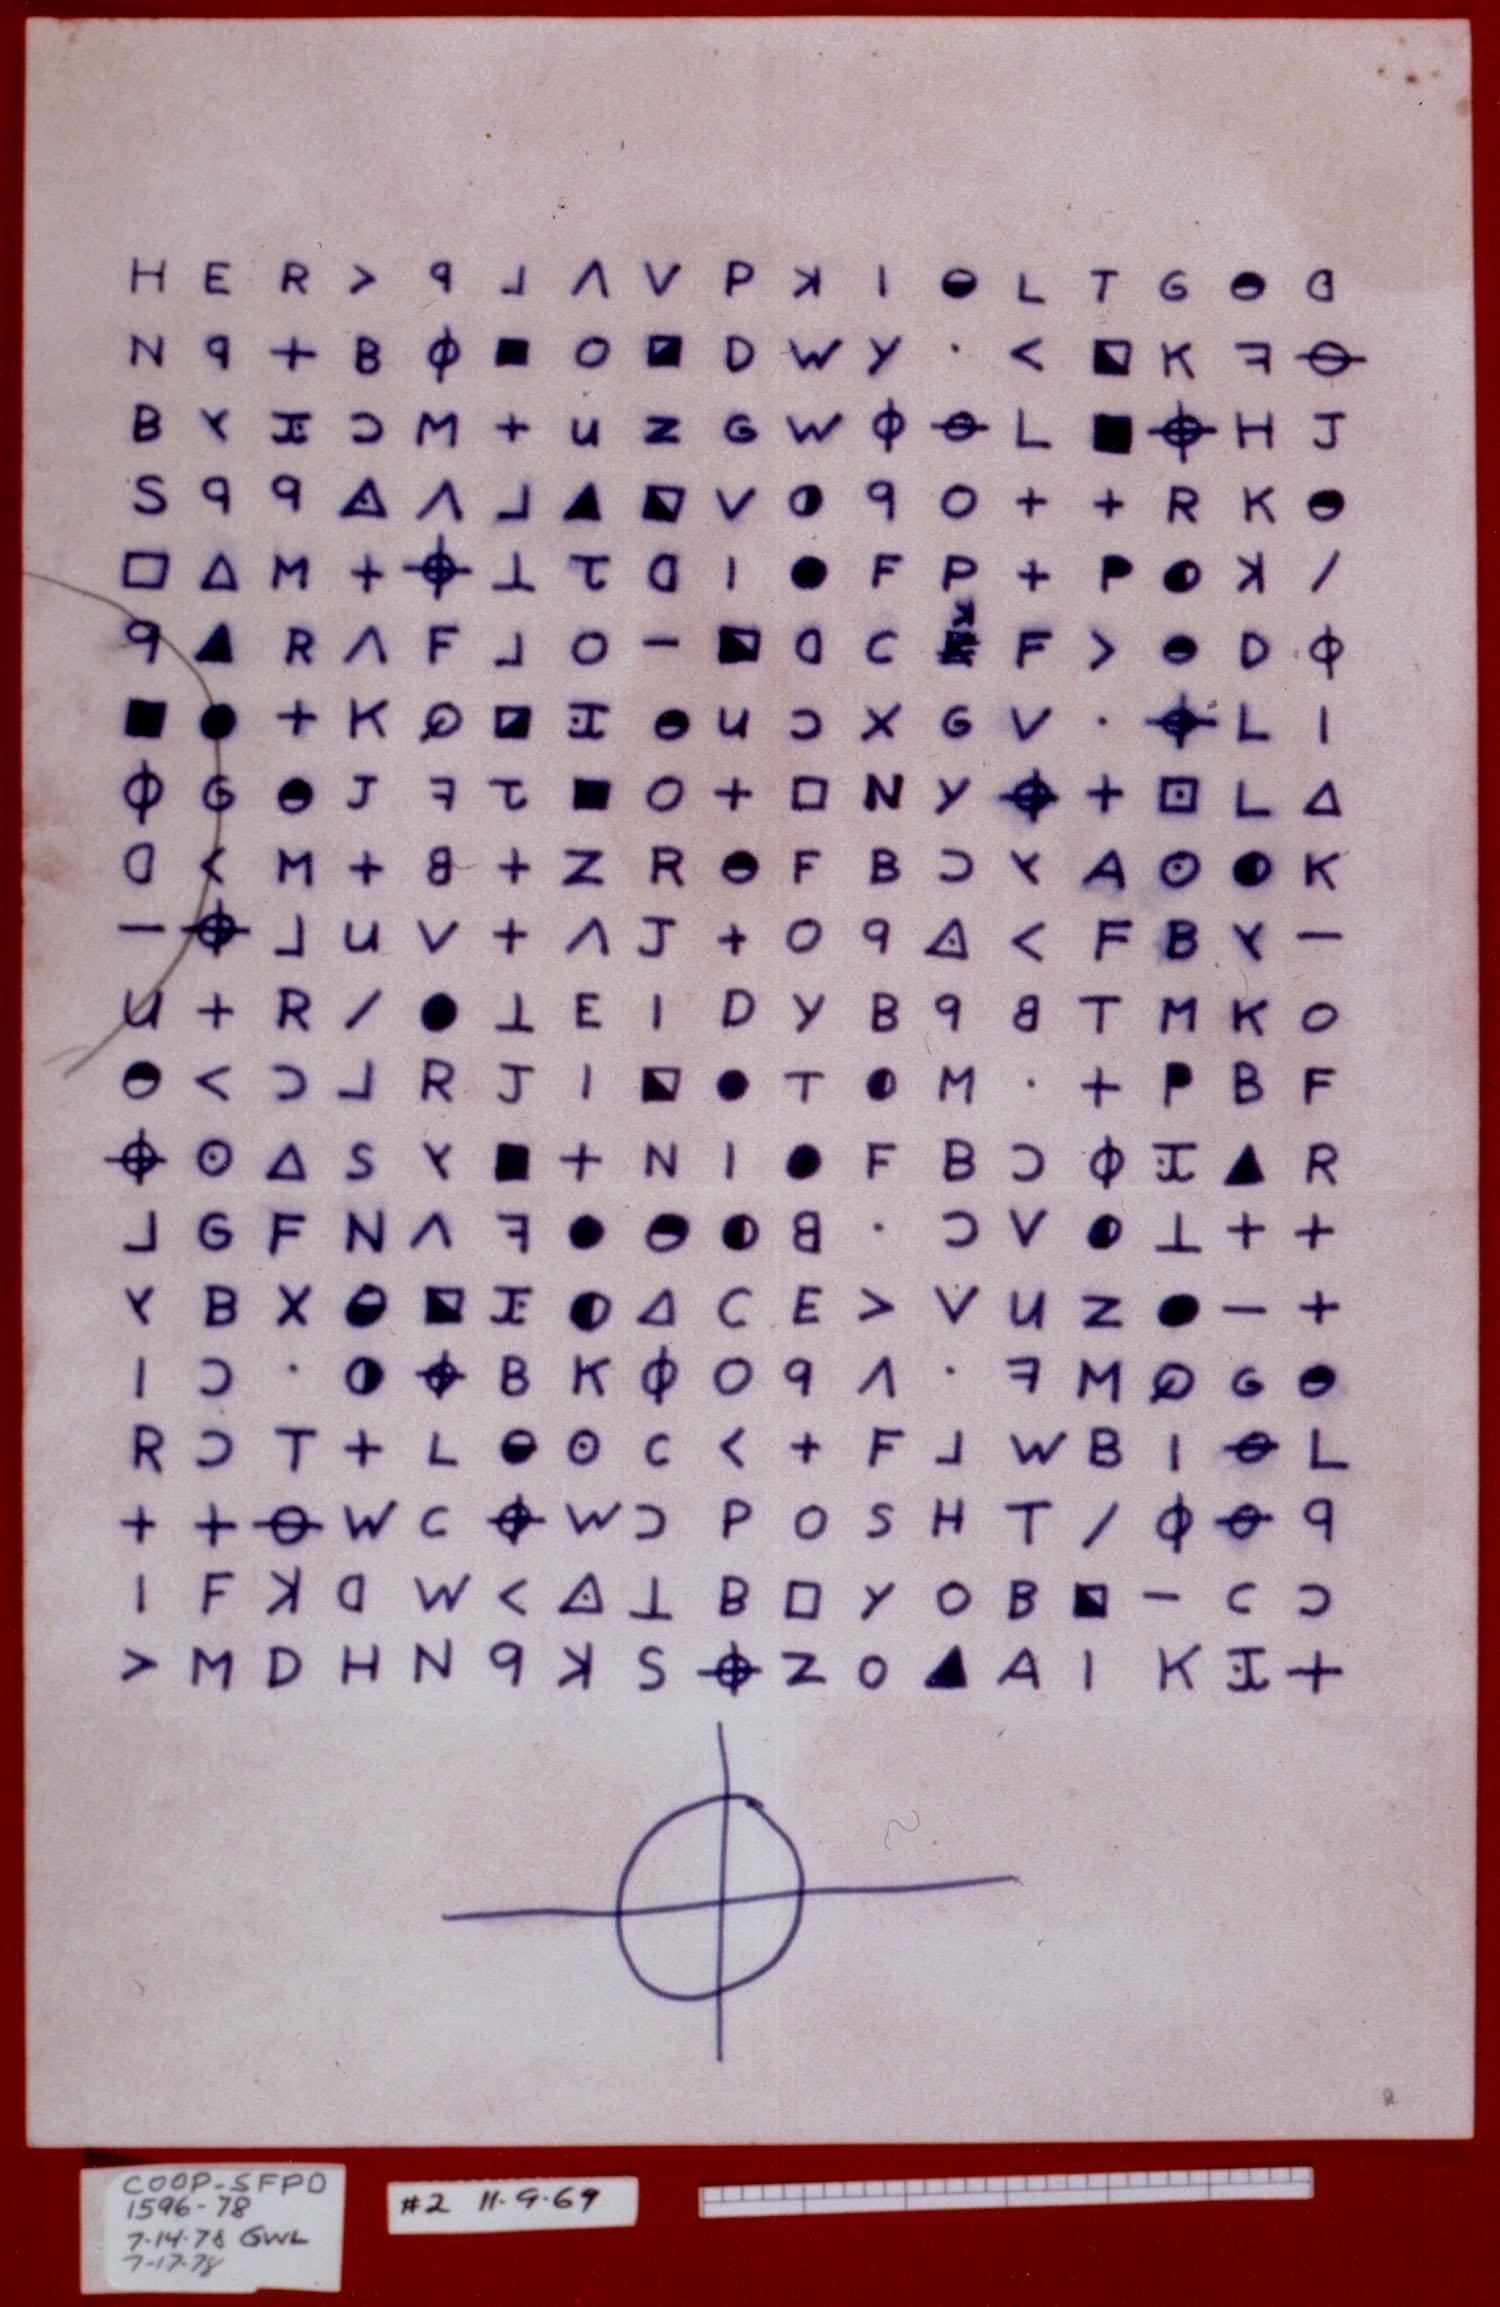 Argument essay about zodiacs